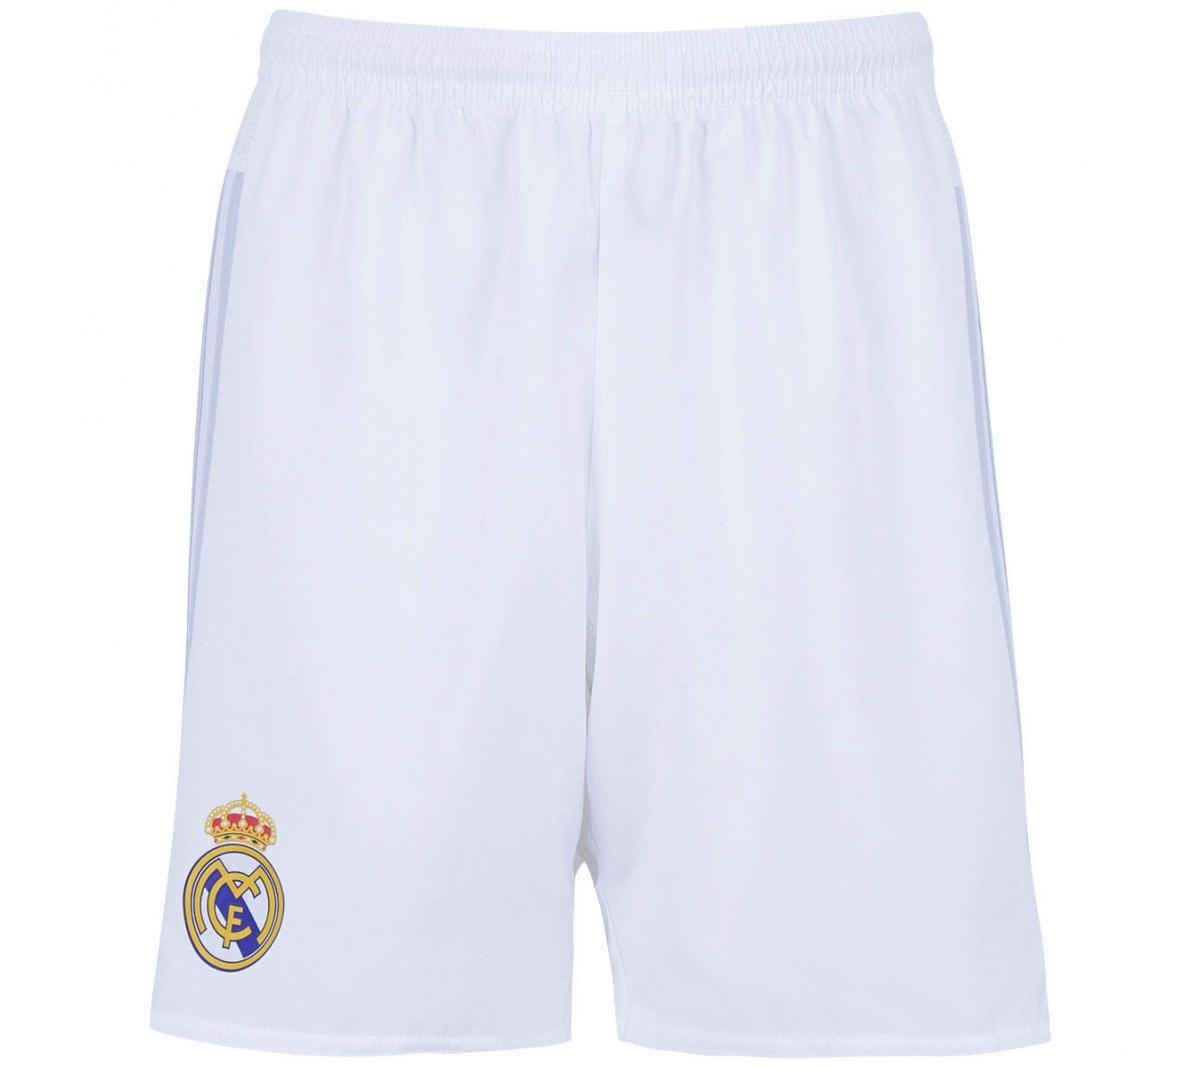 e354a07fdf Calção Real Madrid I Adidas Infantil Oficial - Mundo do Futebol